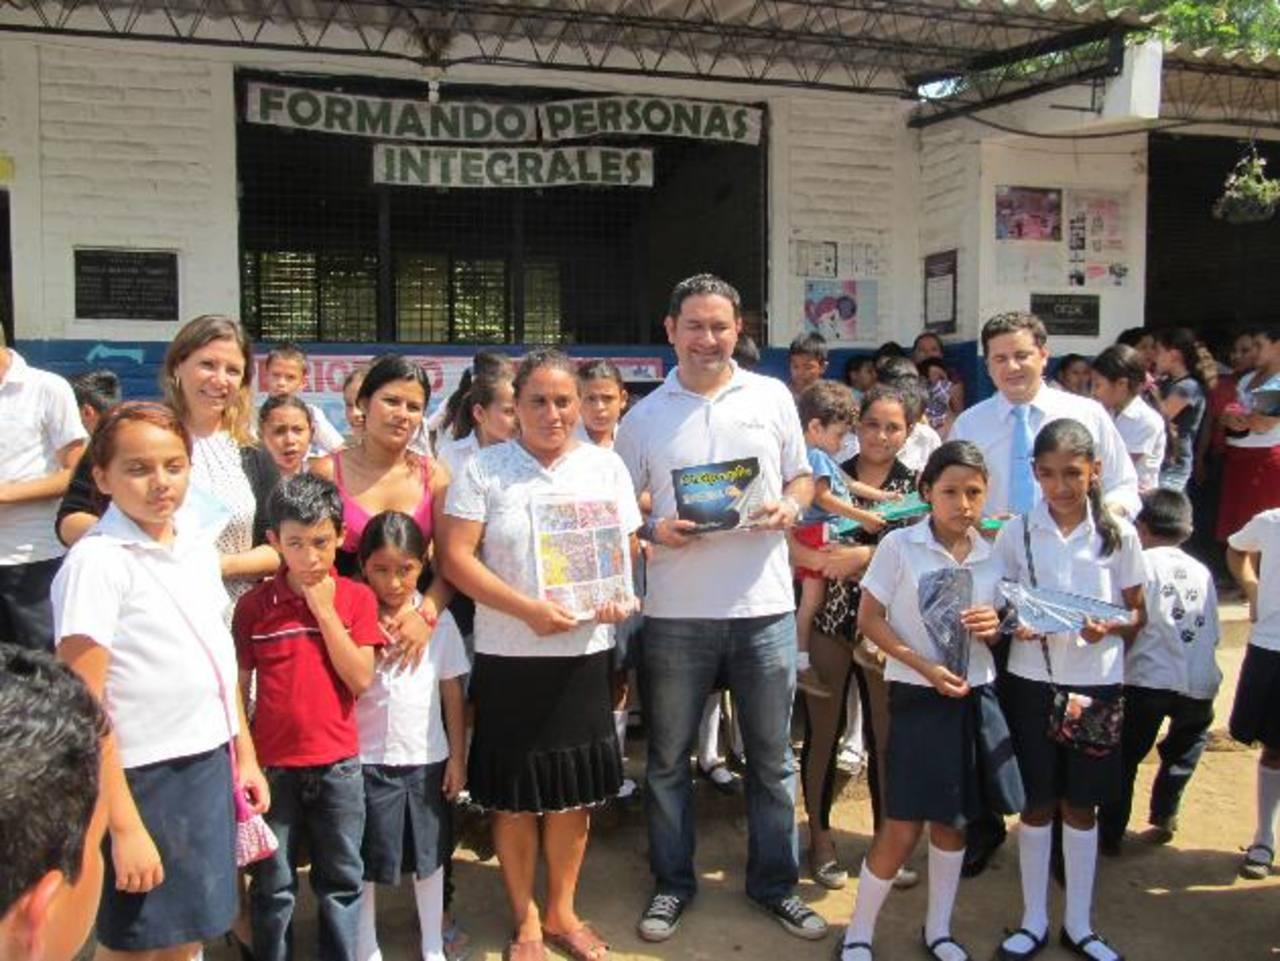 Los estudiantes beneficiados suman más de 1,500 y asisten a dos escuelas en La Libertad. Foto EDH / Cortesía Grupo Roble